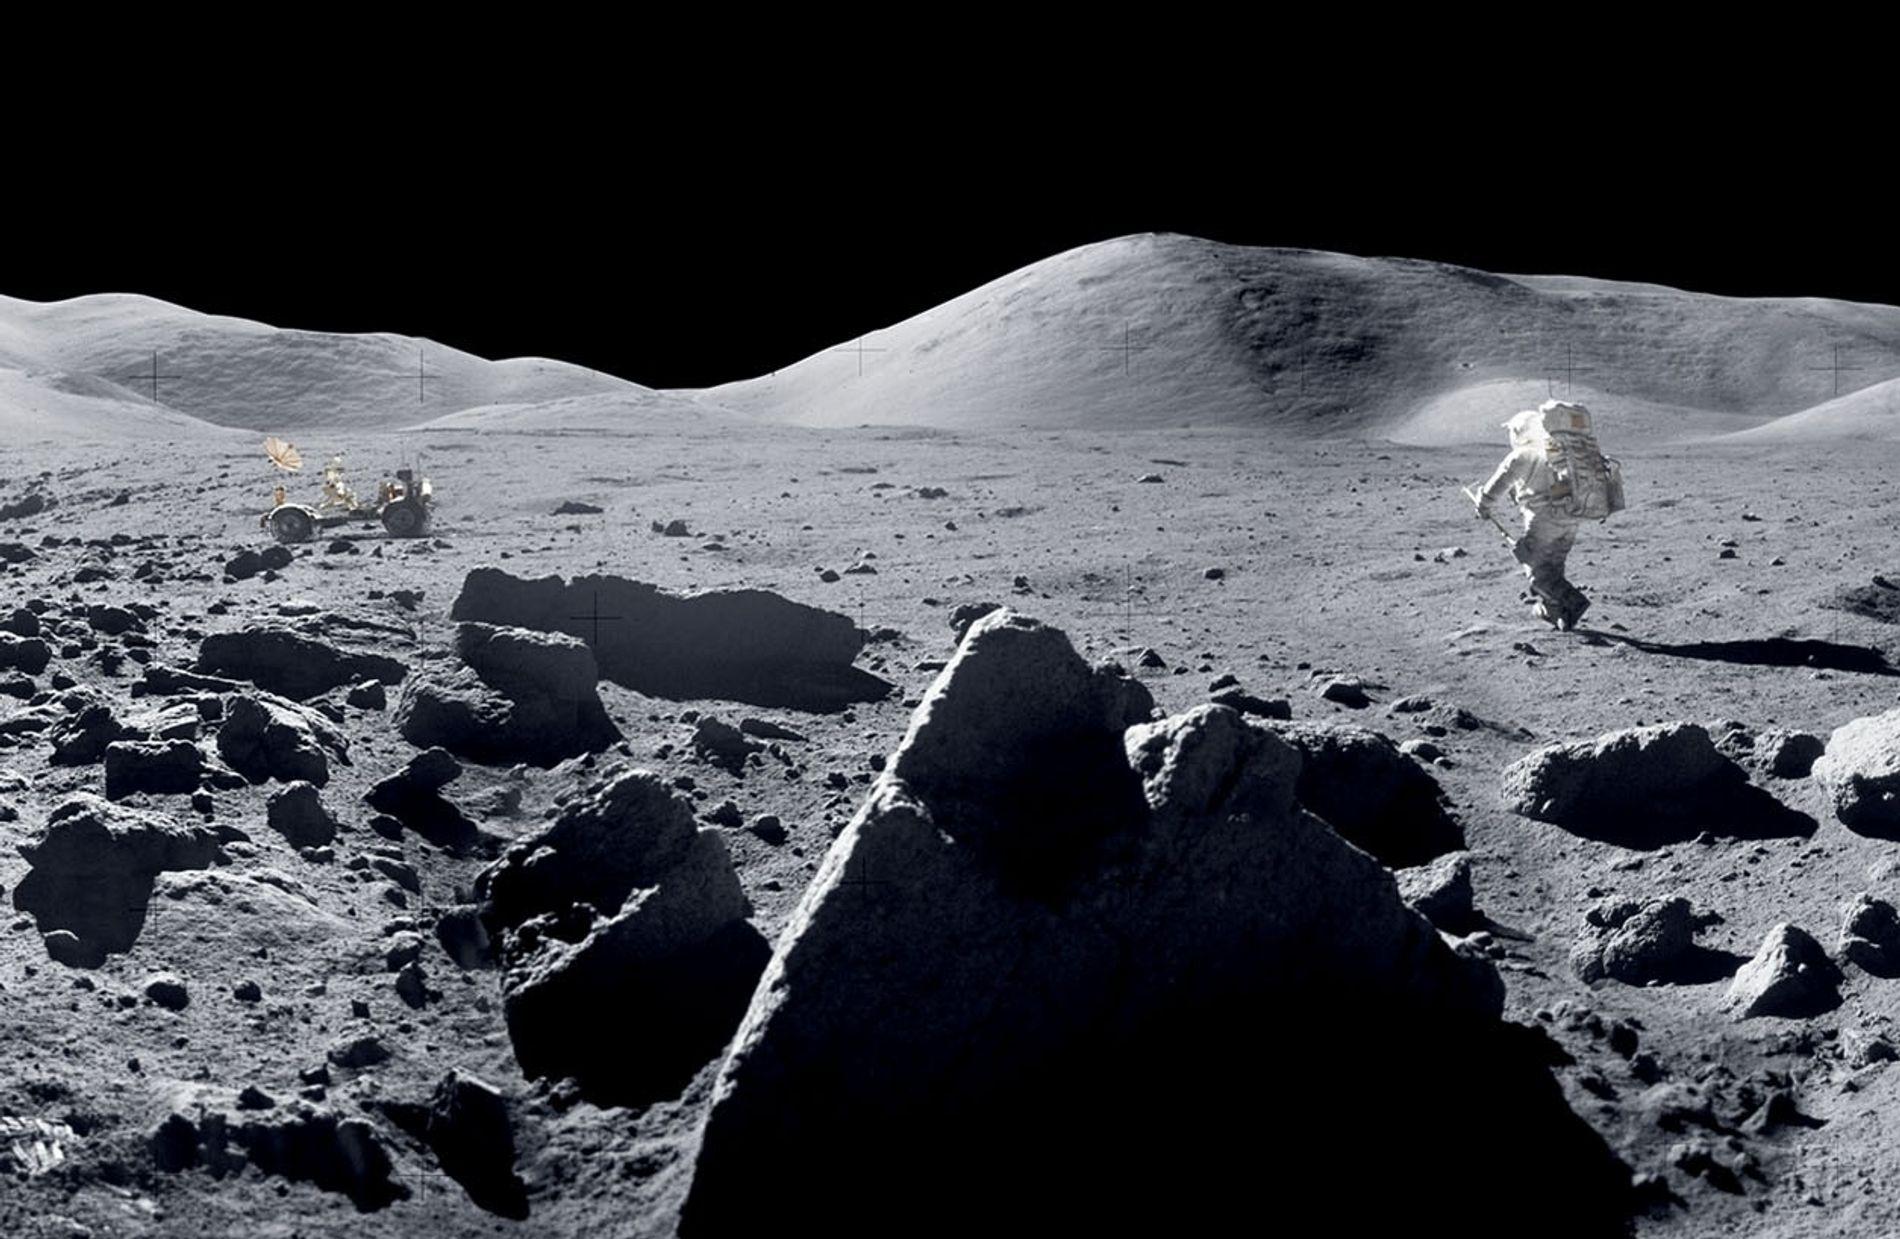 O astronauta Harrison Schmitt salta na direção do jipe lunar durante a missão Apollo 17, em dezembro de 1972, a última vez em que os seres humanos pisaram na Lua.   NOTA DO EDITOR: Esta imagem faz parte de um panorama criado pela Nasa a partir de 18 fotos. Para mostrar como a paisagem lunar foi vista pelos astronautas, a Nasa removeu os reflexos na lente provocados pela luz solar por meio do escurecimento do céu.